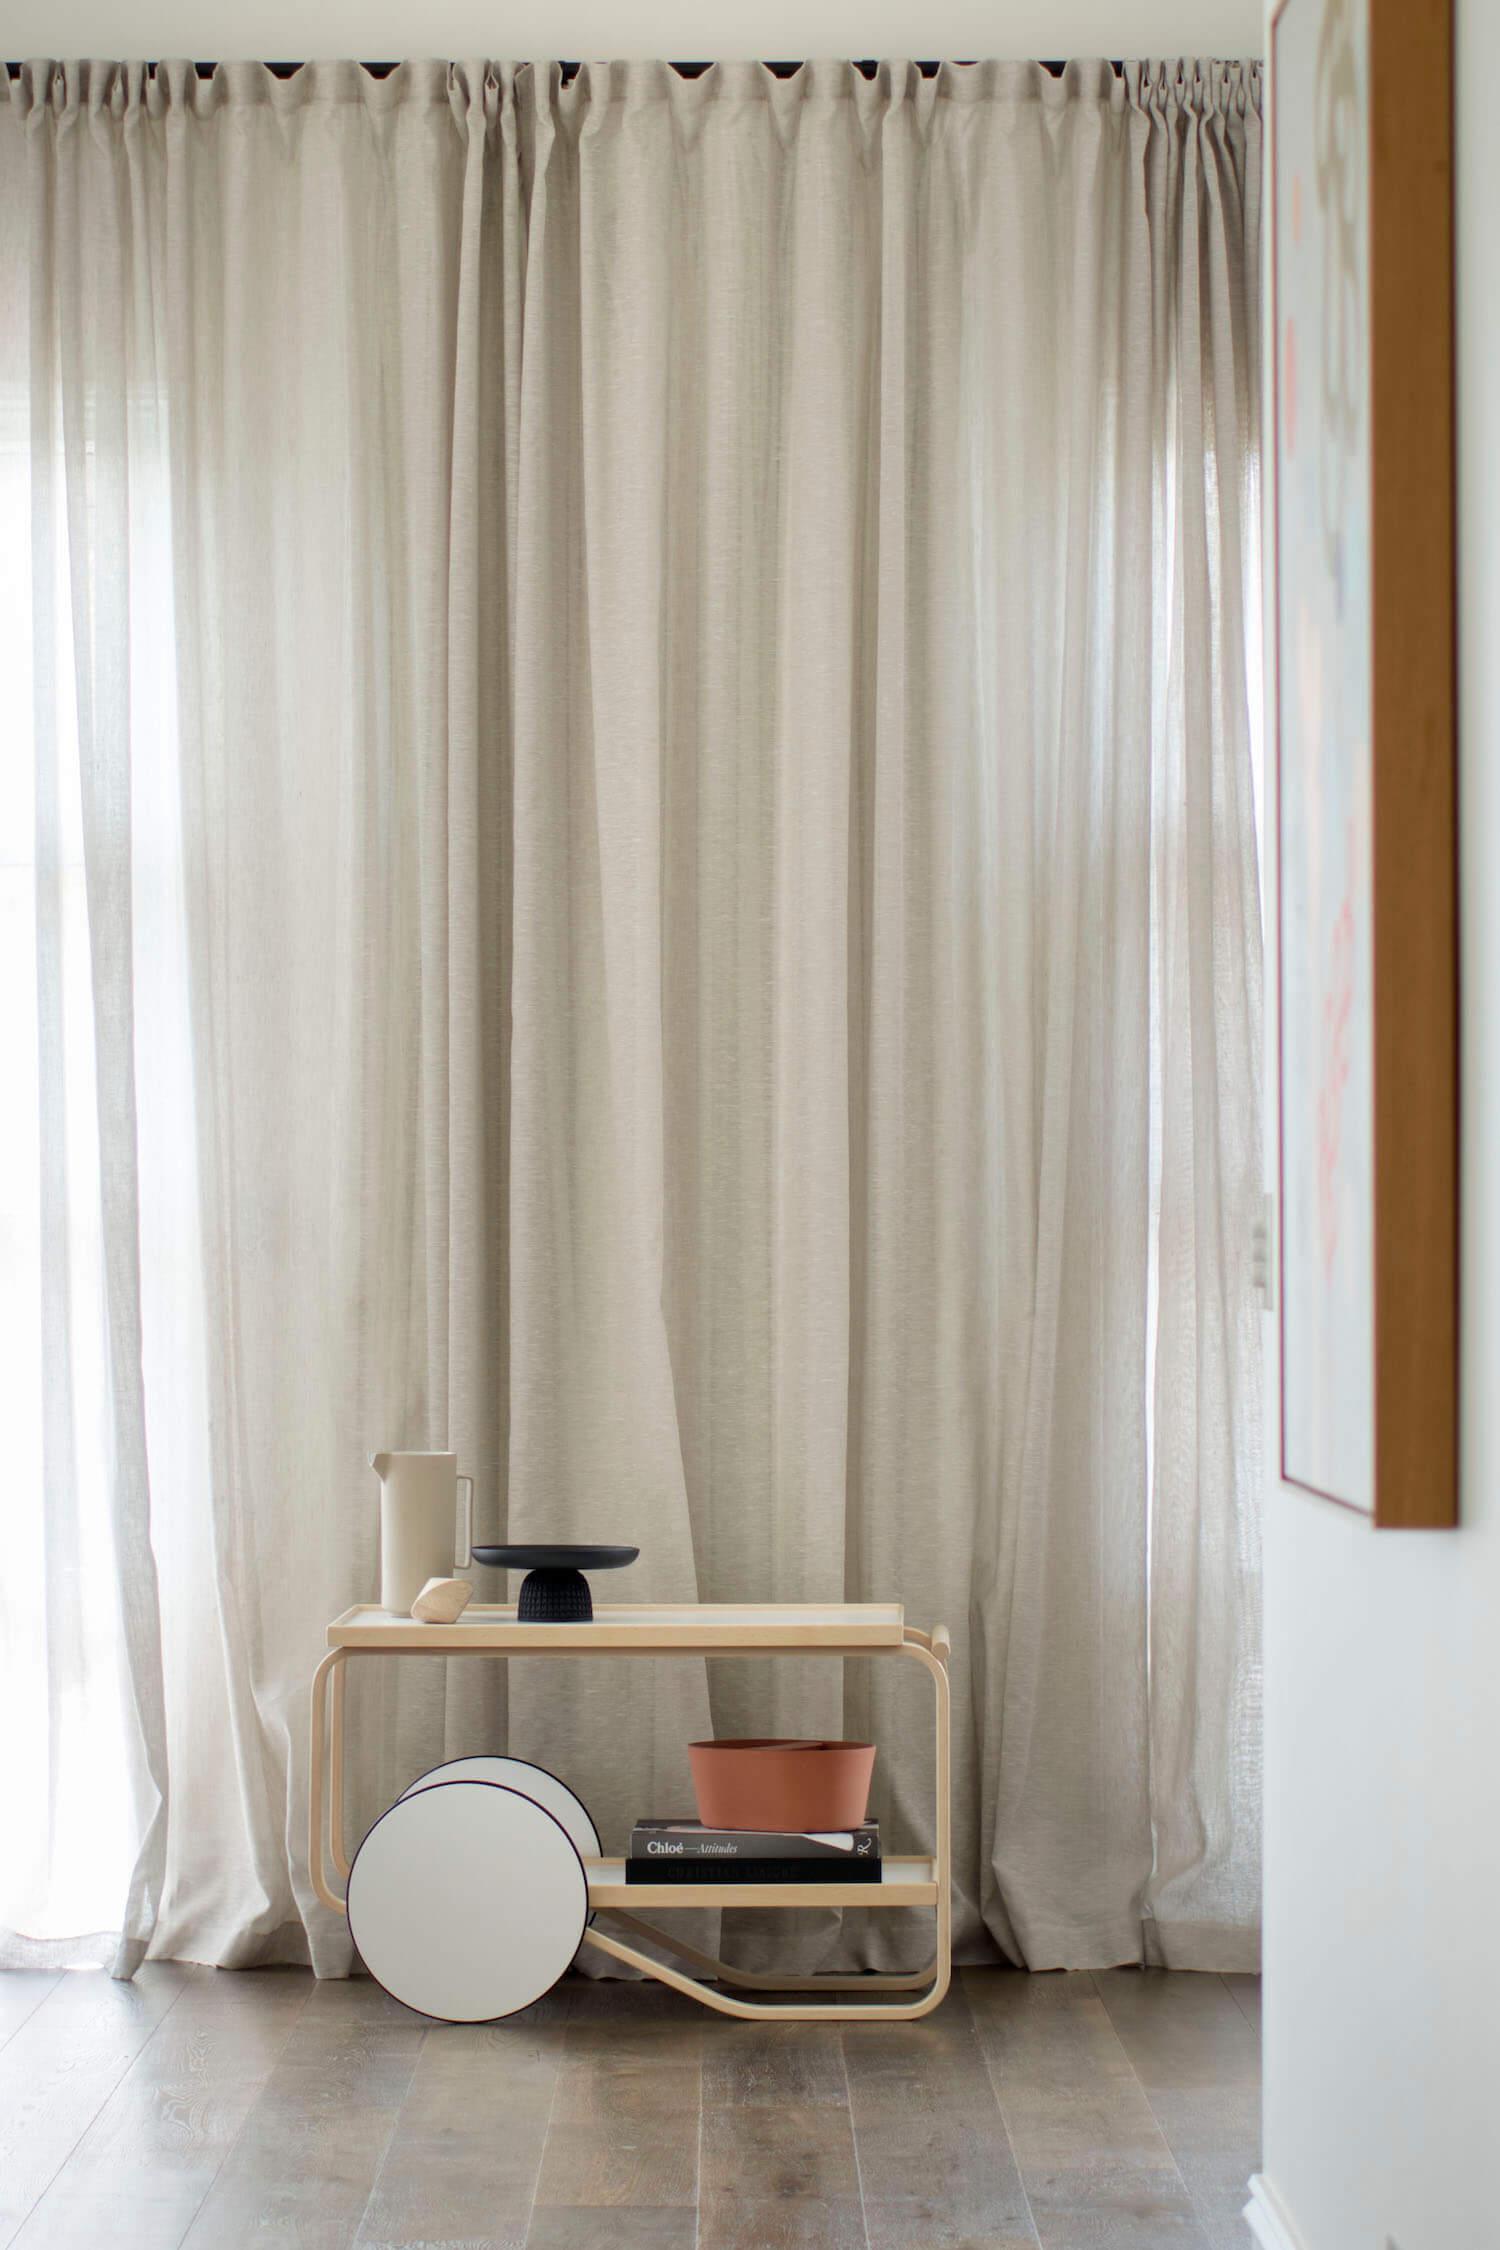 est living australian interiors cjh design rosebery home 9